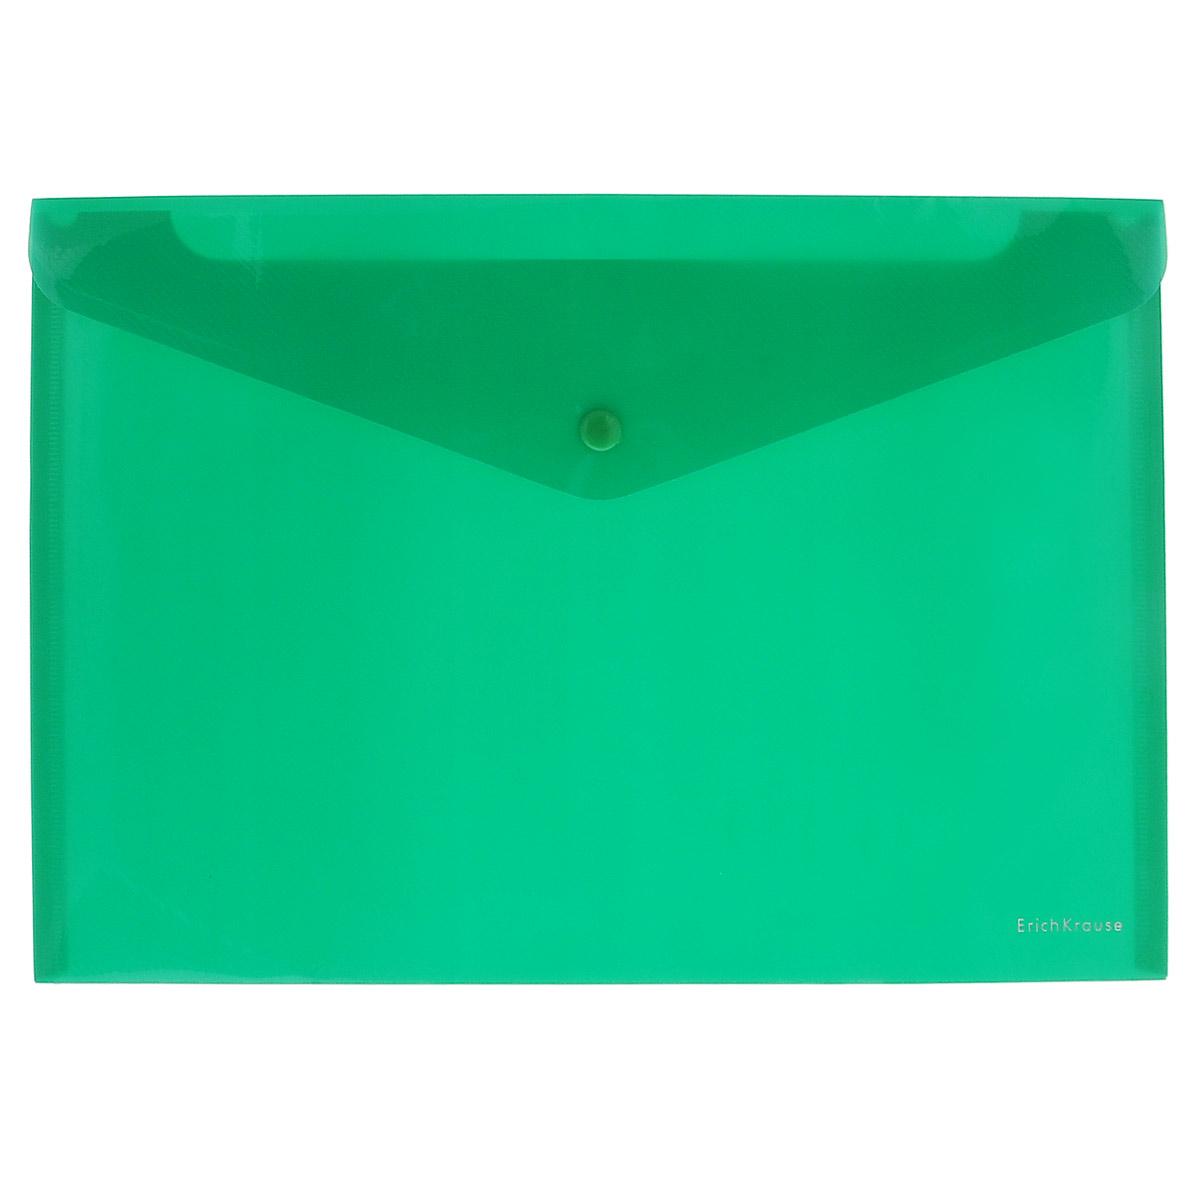 Erich Krause Папка-конверт на кнопке Envelope Folder цвет зеленый2932_зеленыйПапка-конверт на кнопке Erich Krause Envelope Folder - удобный и практичный офисный инструмент, предназначенный для хранения и транспортировки рабочих бумаг и документов формата А4. Папка изготовлена из полупрозрачного глянцевого пластика с диагональной текстурой, которая надолго сохраняет папку аккуратной и увеличивает срок ее службы. Практичная застежка-кнопка удобна для частого использования и обеспечивает быстрый доступ к документам. С такой папкой ваши документы всегда будут в полном порядке!